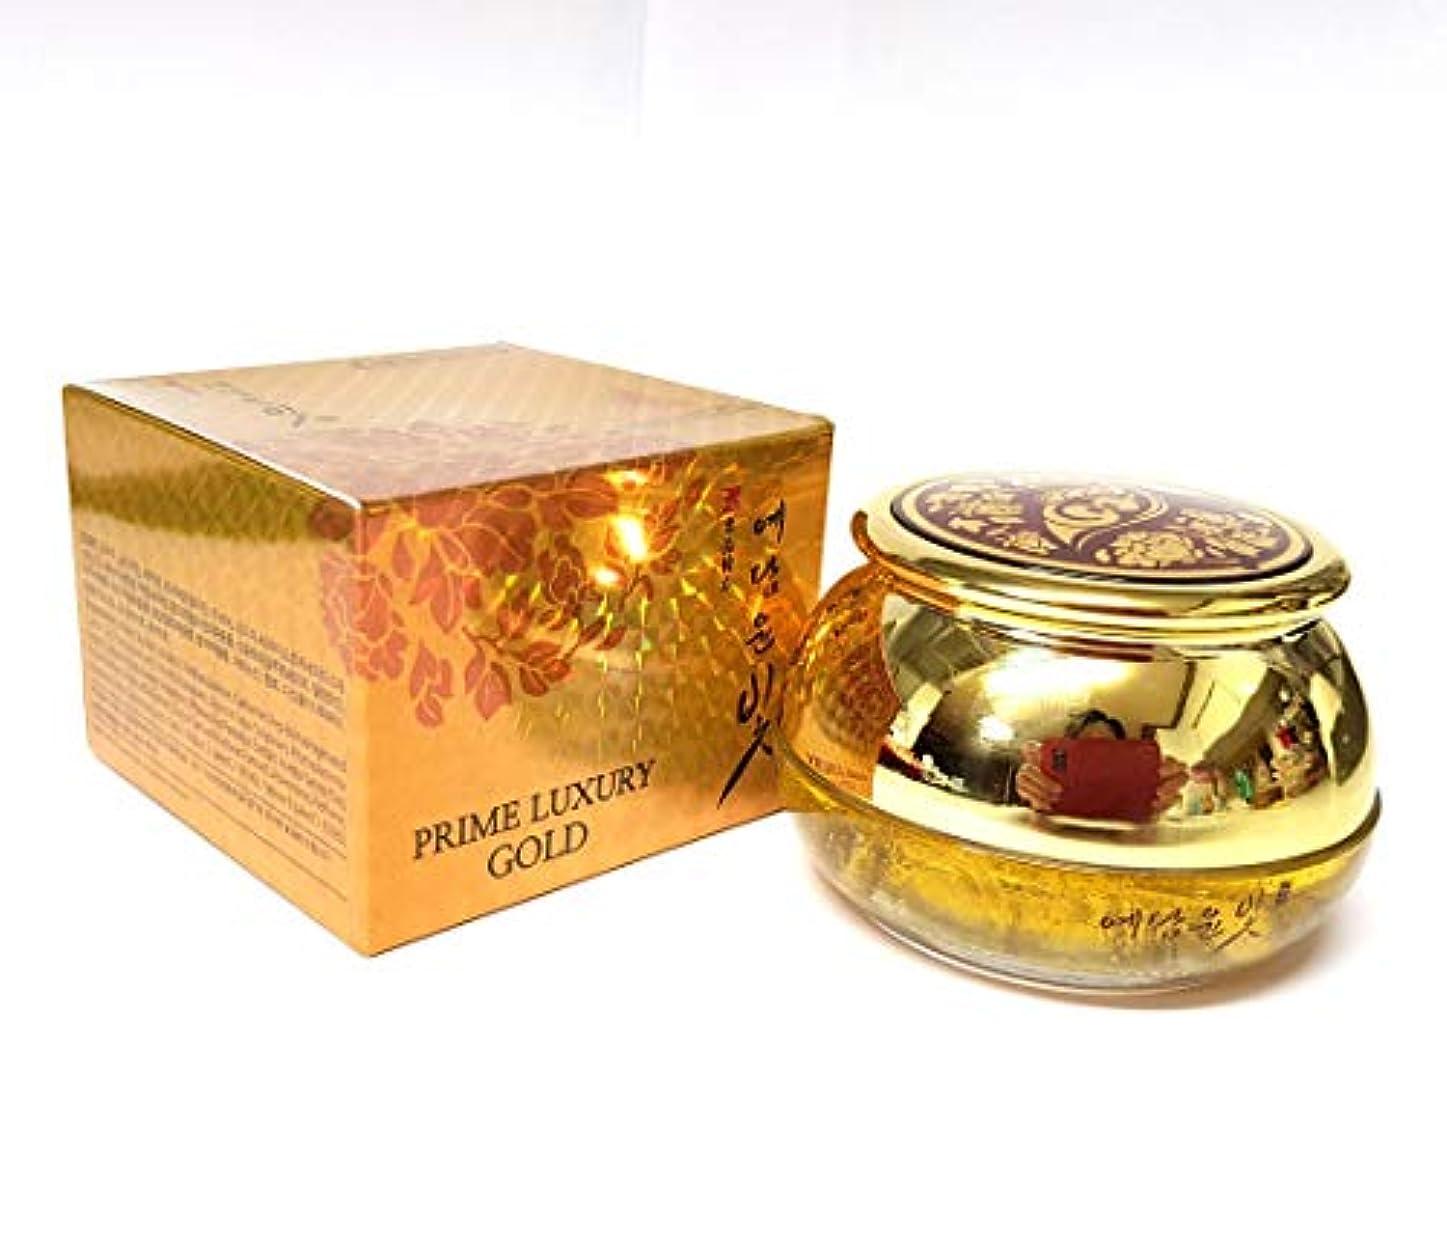 であること船乗り気怠い[YEDAM YUNBIT] プライムラグジュアリーゴールドリフティングクリーム50g/ Prime Luxury Gold Lifting Cream 50g /ゴールドエキス/gold extract/しわ改善、保湿...